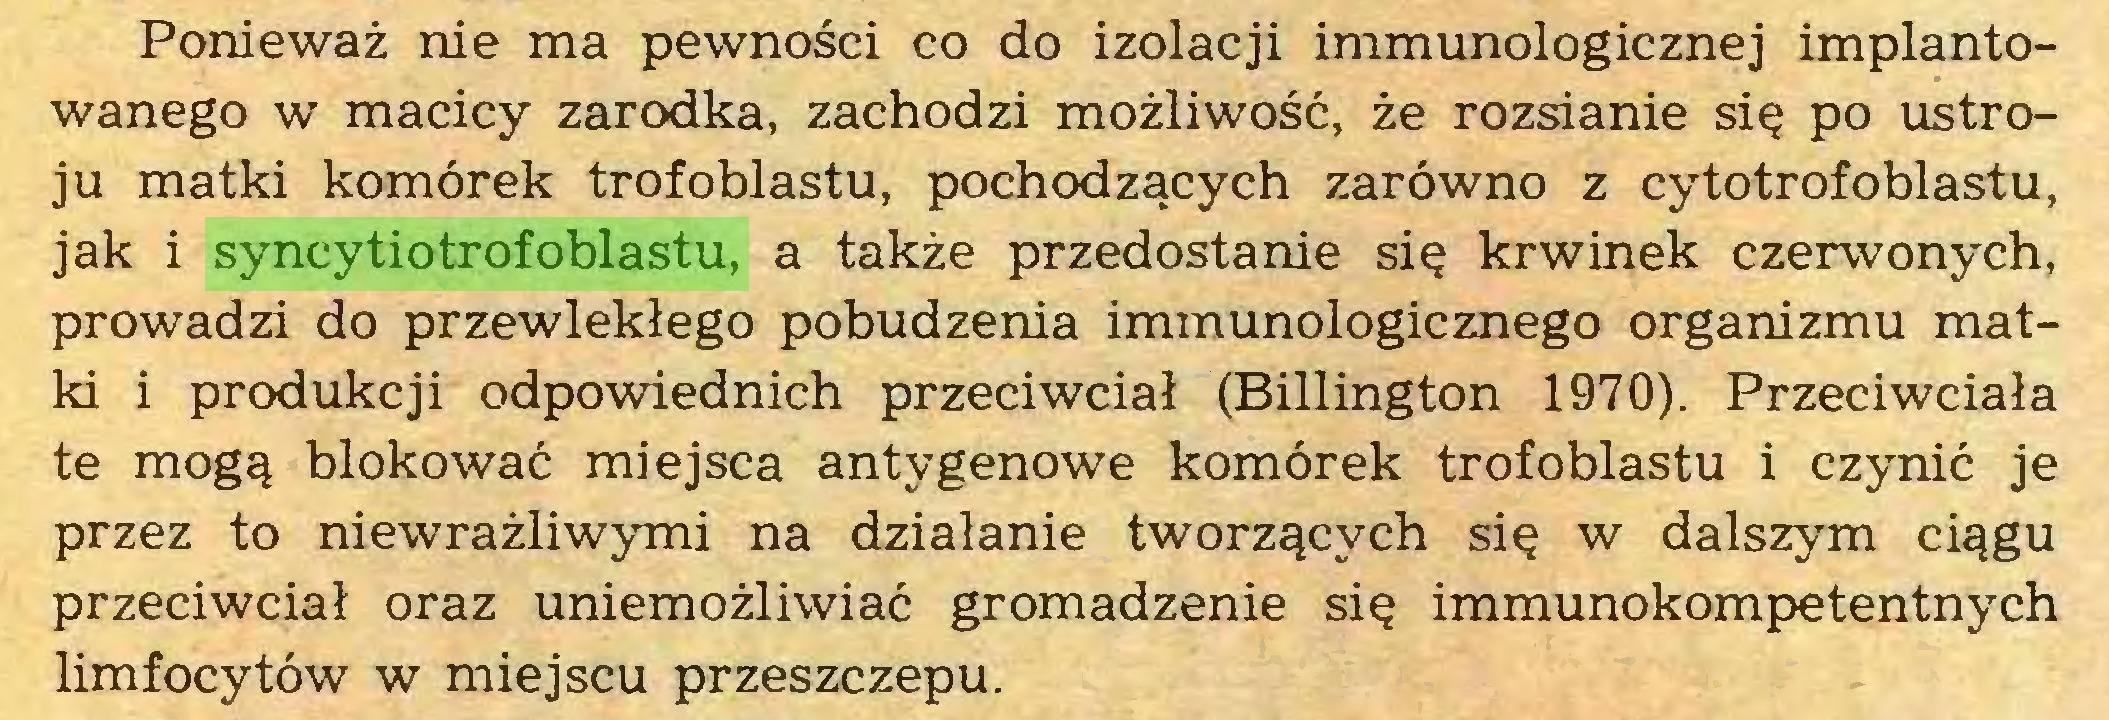 (...) Ponieważ nie ma pewności co do izolacji immunologicznej implantowanego w macicy zarodka, zachodzi możliwość, że rozsianie się po ustroju matki komórek trofoblastu, pochodzących zarówno z cytotrofoblastu, jak i syncytiotrofoblastu, a także przedostanie się krwinek czerwonych, prowadzi do przewlekłego pobudzenia immunologicznego organizmu matki i produkcji odpowiednich przeciwciał (Billington 1970). Przeciwciała te mogą blokować miejsca antygenowe komórek trofoblastu i czynić je przez to niewrażliwymi na działanie tworzących się w dalszym ciągu przeciwciał oraz uniemożliwiać gromadzenie się immunokompetentnych limfocytów w miejscu przeszczepu...